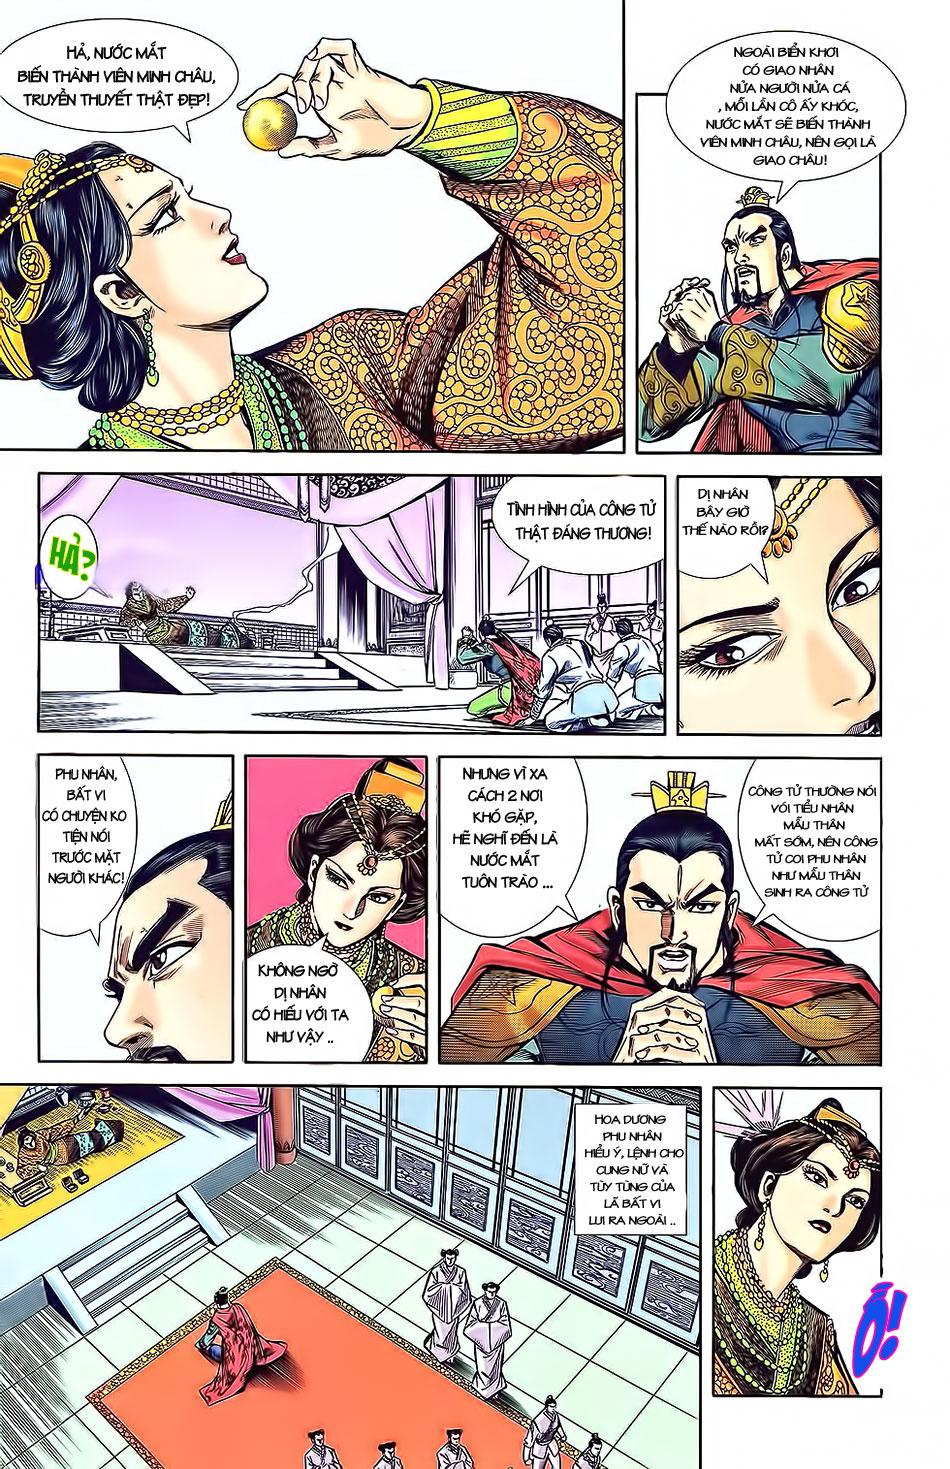 Tần Vương Doanh Chính chapter 3 trang 21